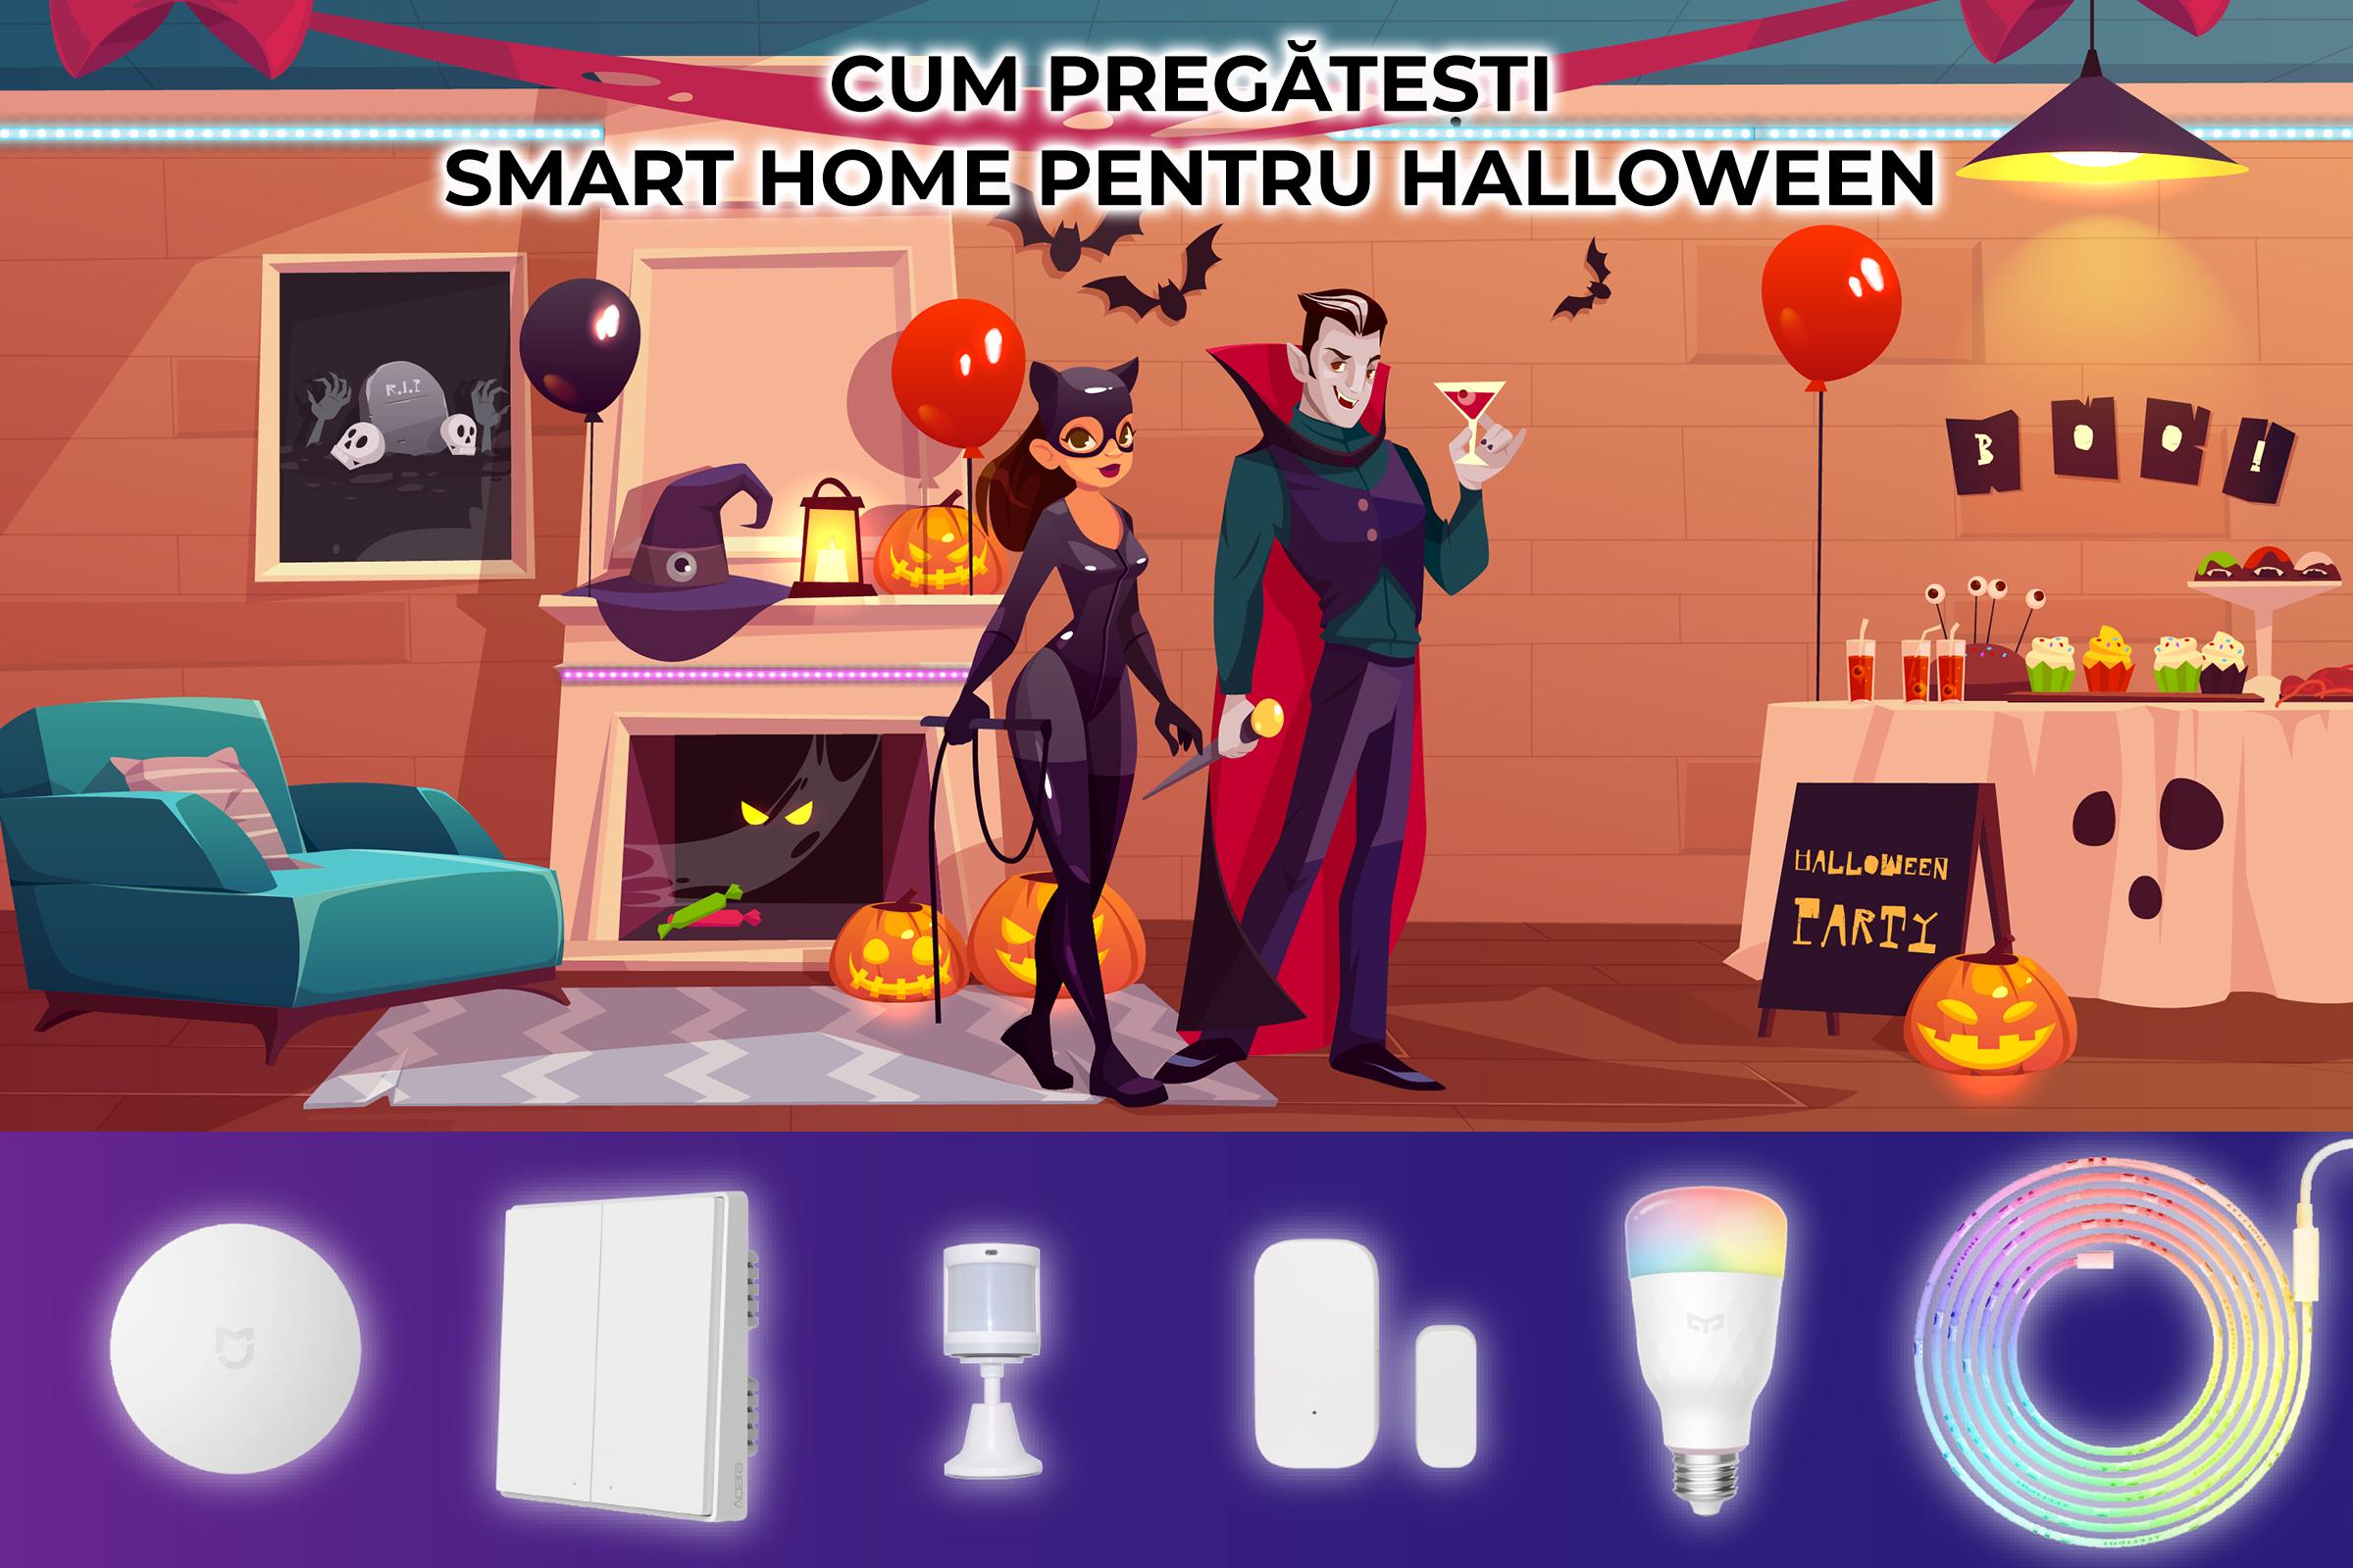 cum pregatesti smart home pentru halloween